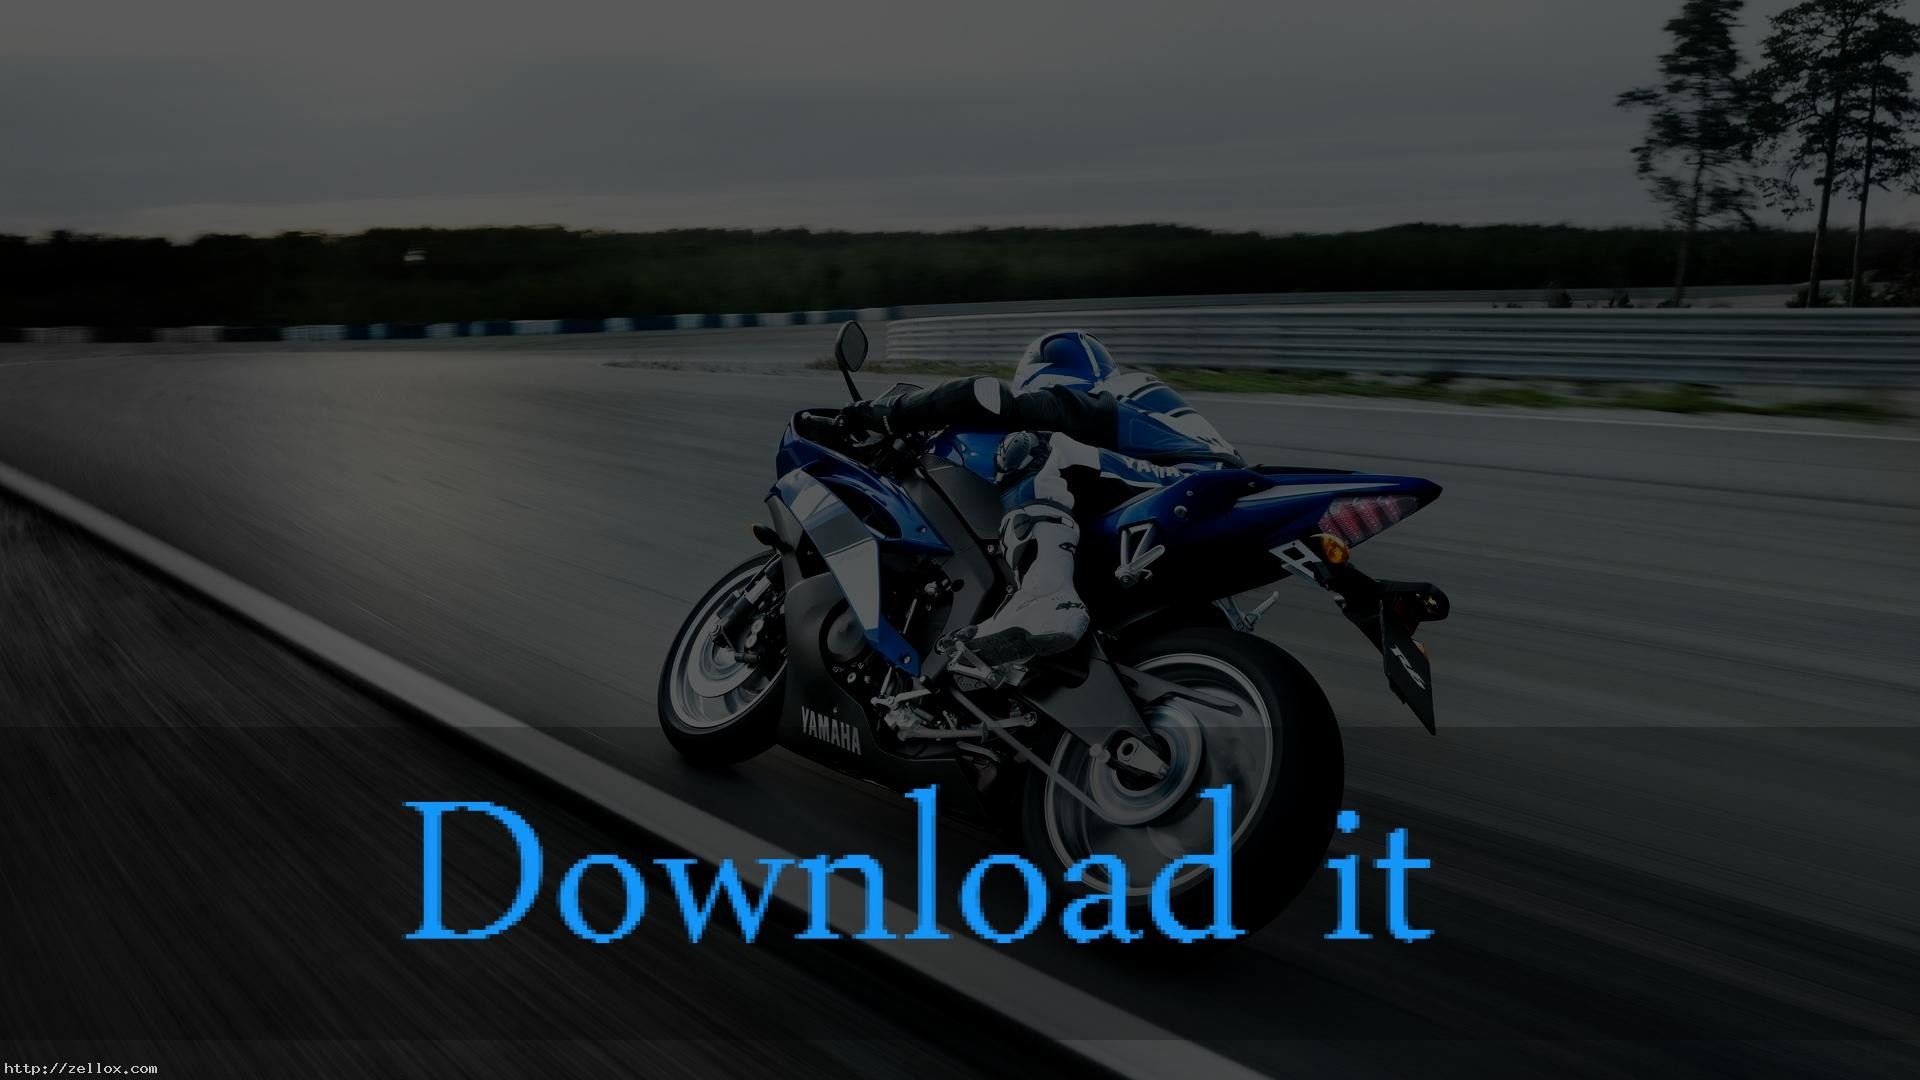 Yamaha Bike Wallpaper